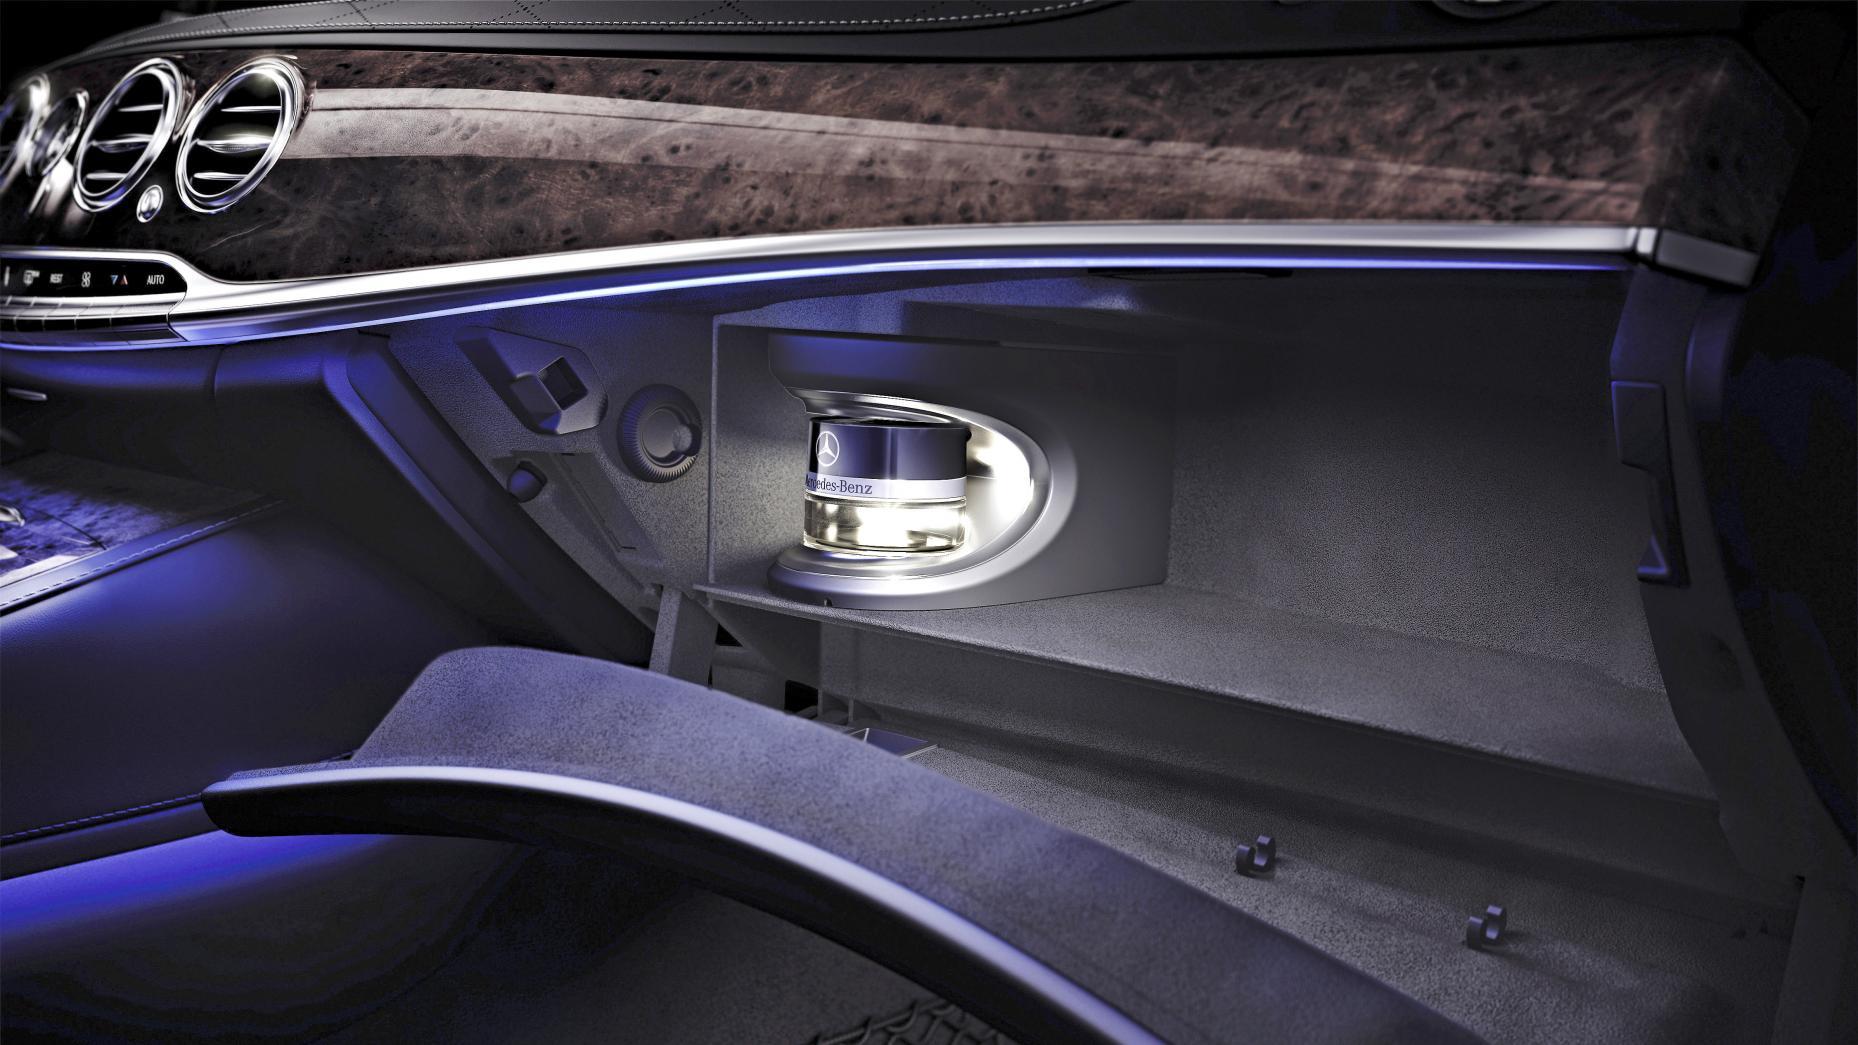 10 auto innovaties zonder enkele hoop om te slagen in de. Black Bedroom Furniture Sets. Home Design Ideas